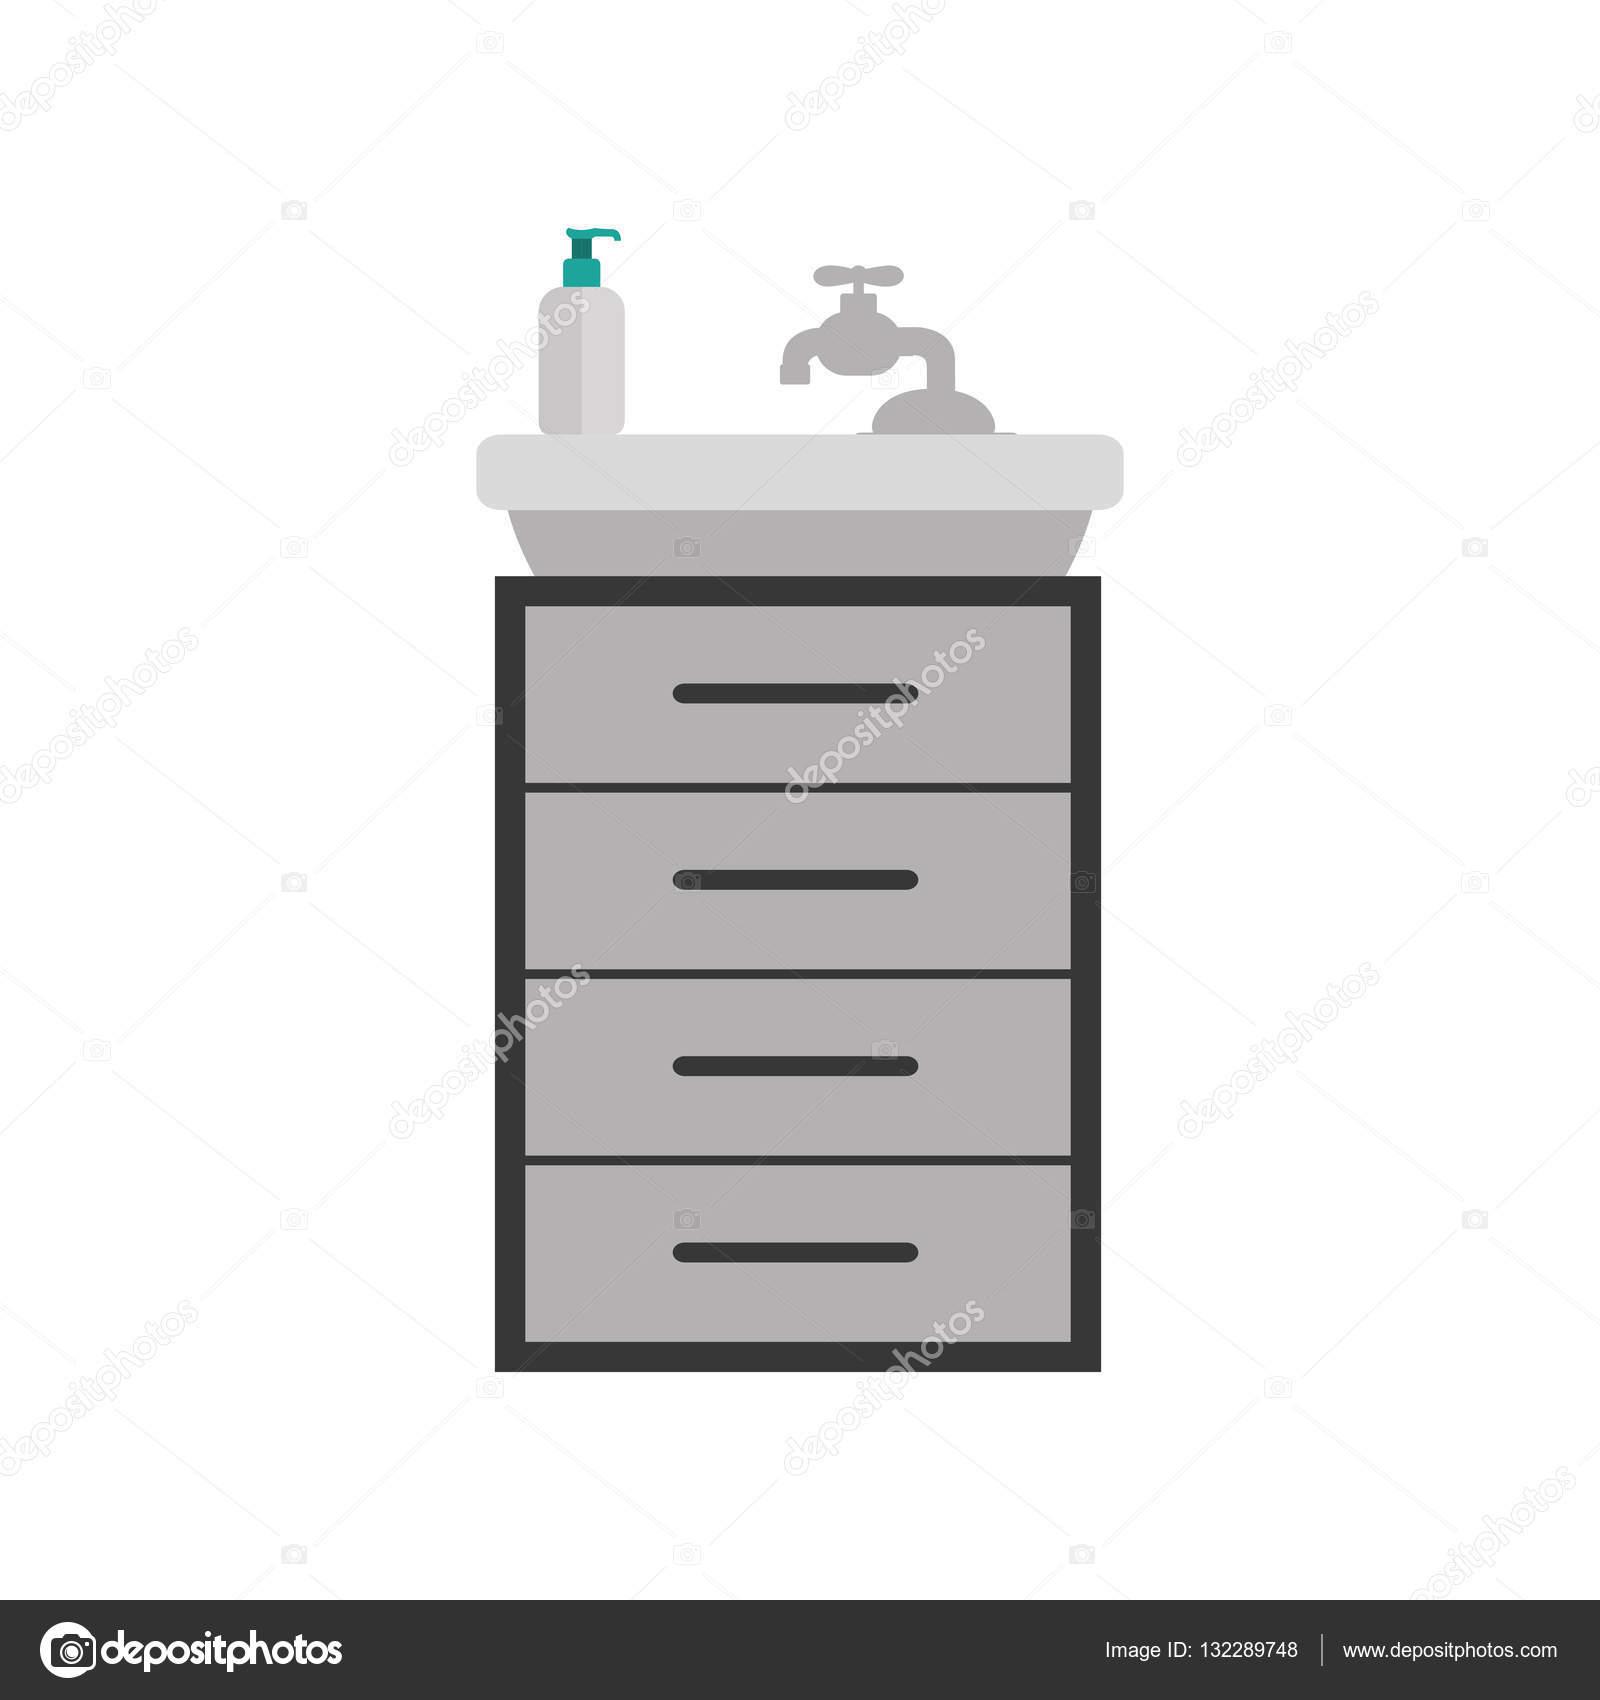 grijstinten silhouet wastafel met klein meubilair stockvector